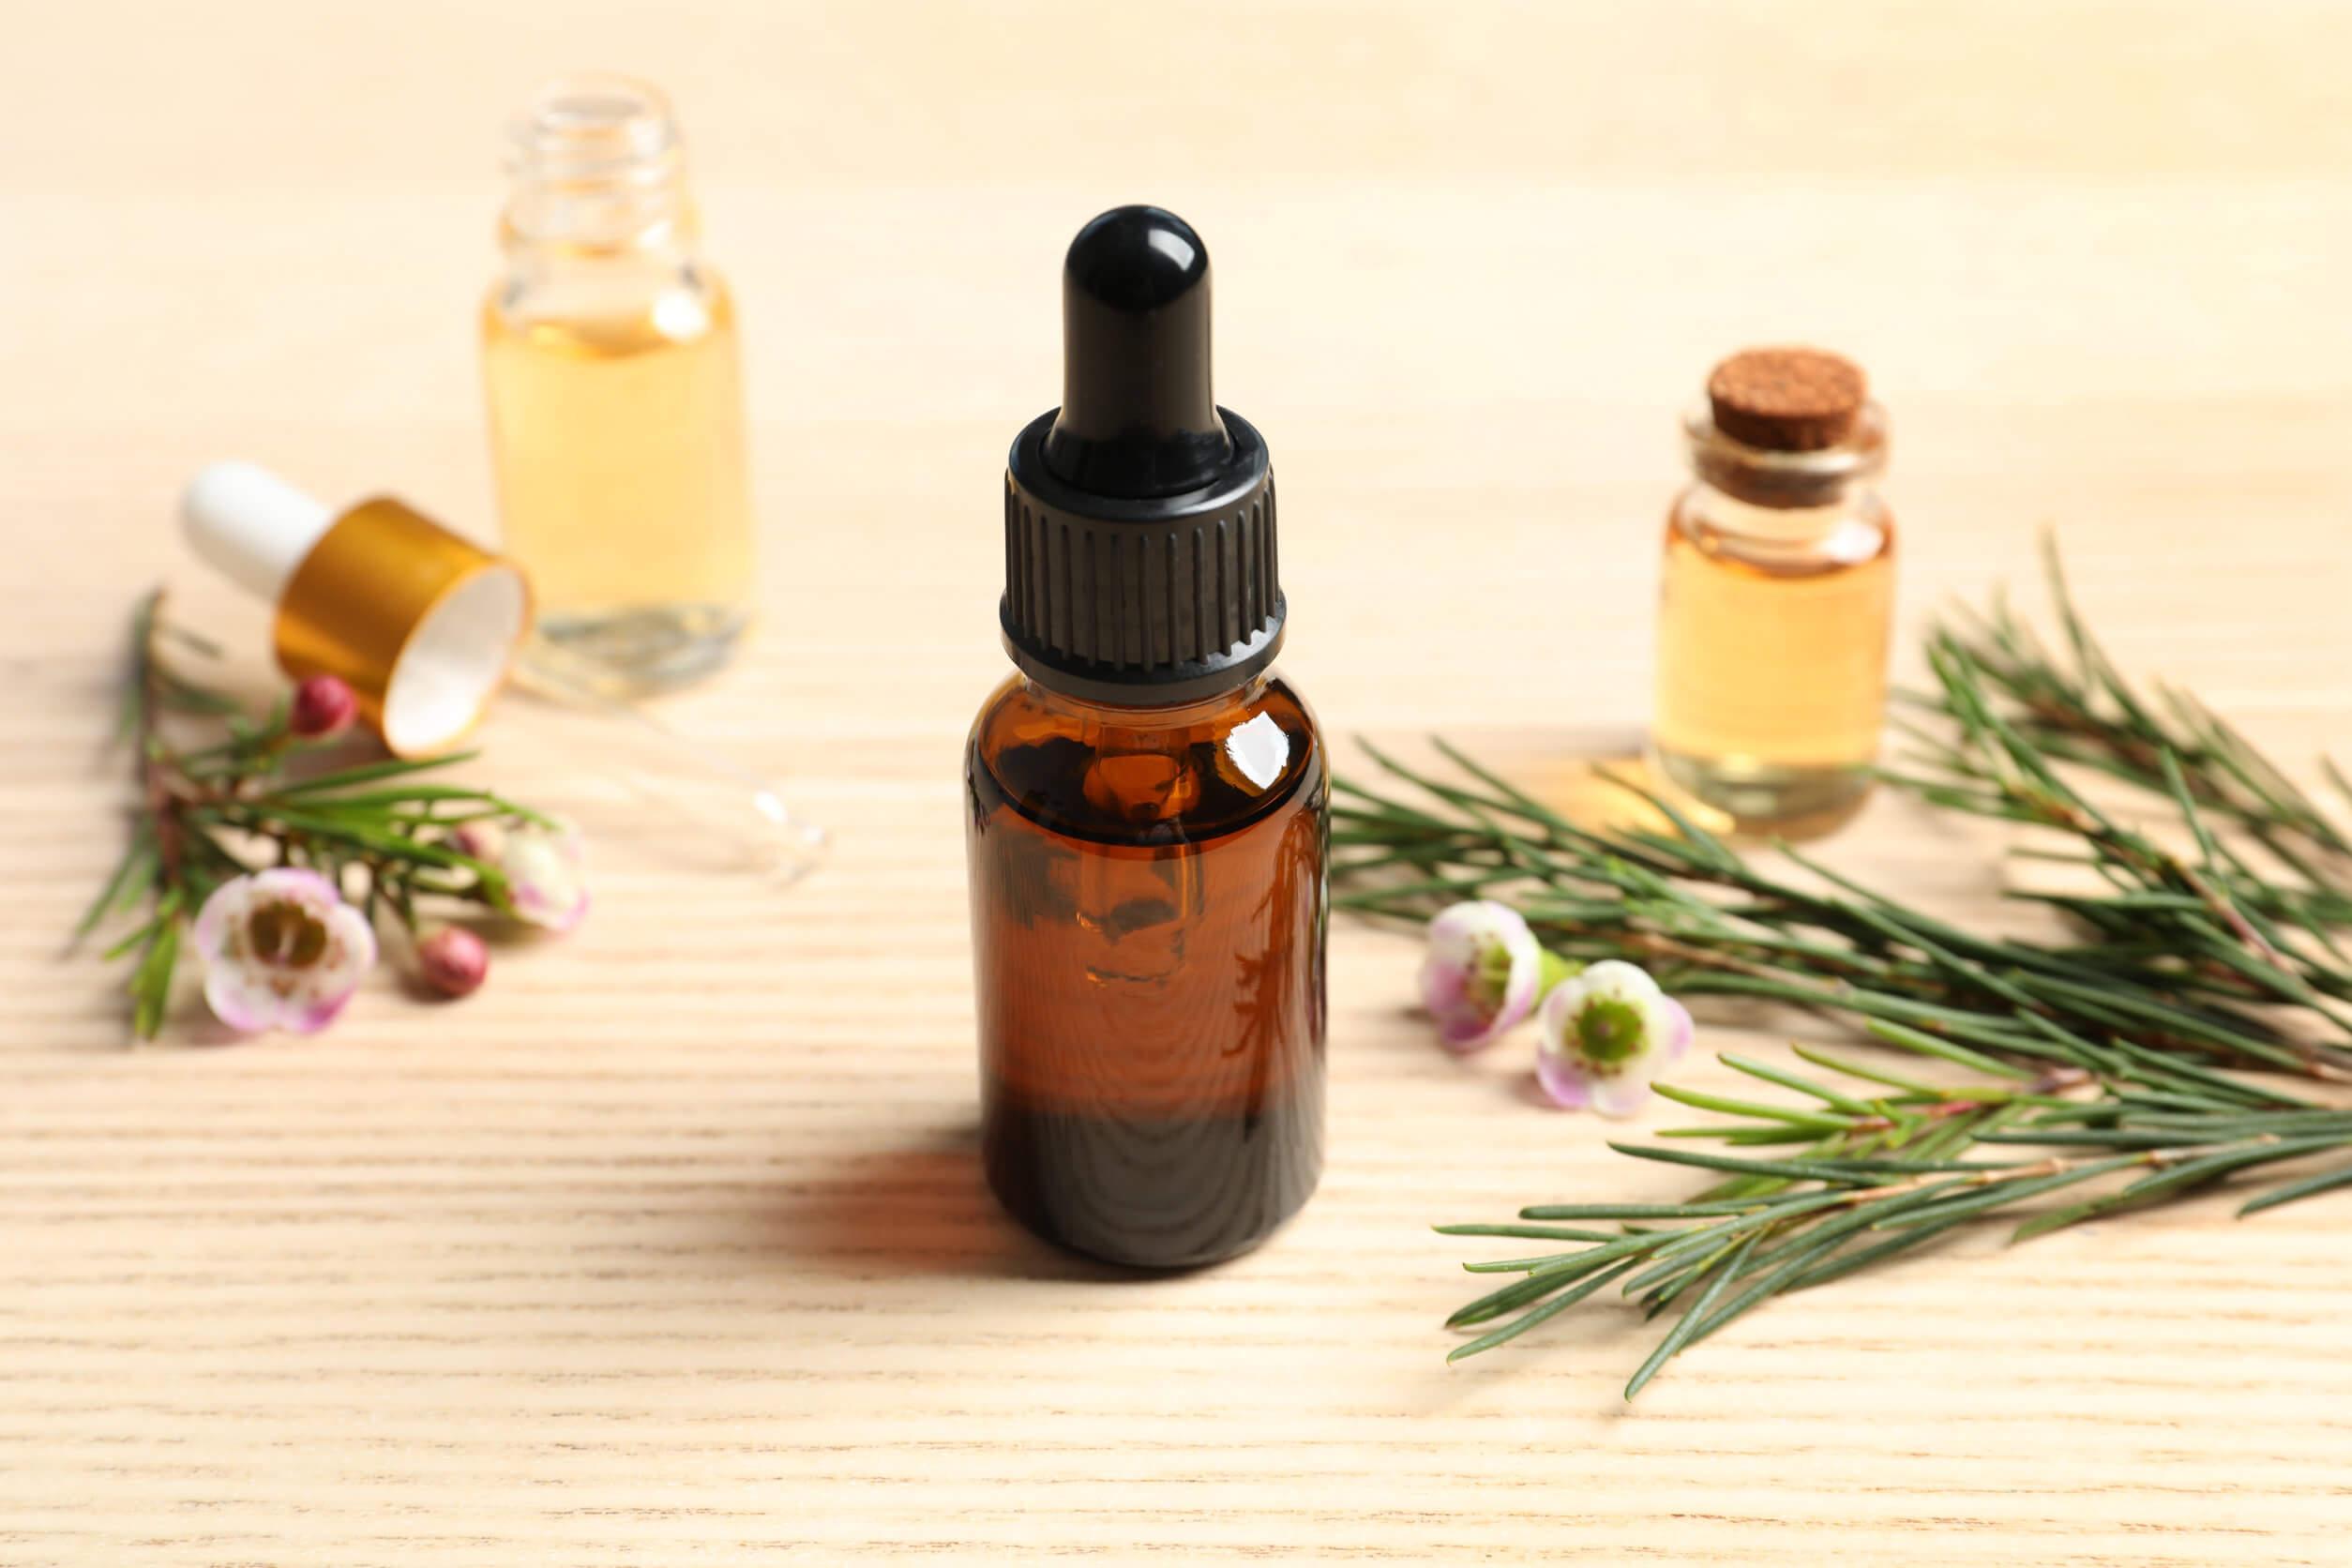 El aceite del árbol del té: el aceite de la vida y de los mil remedios